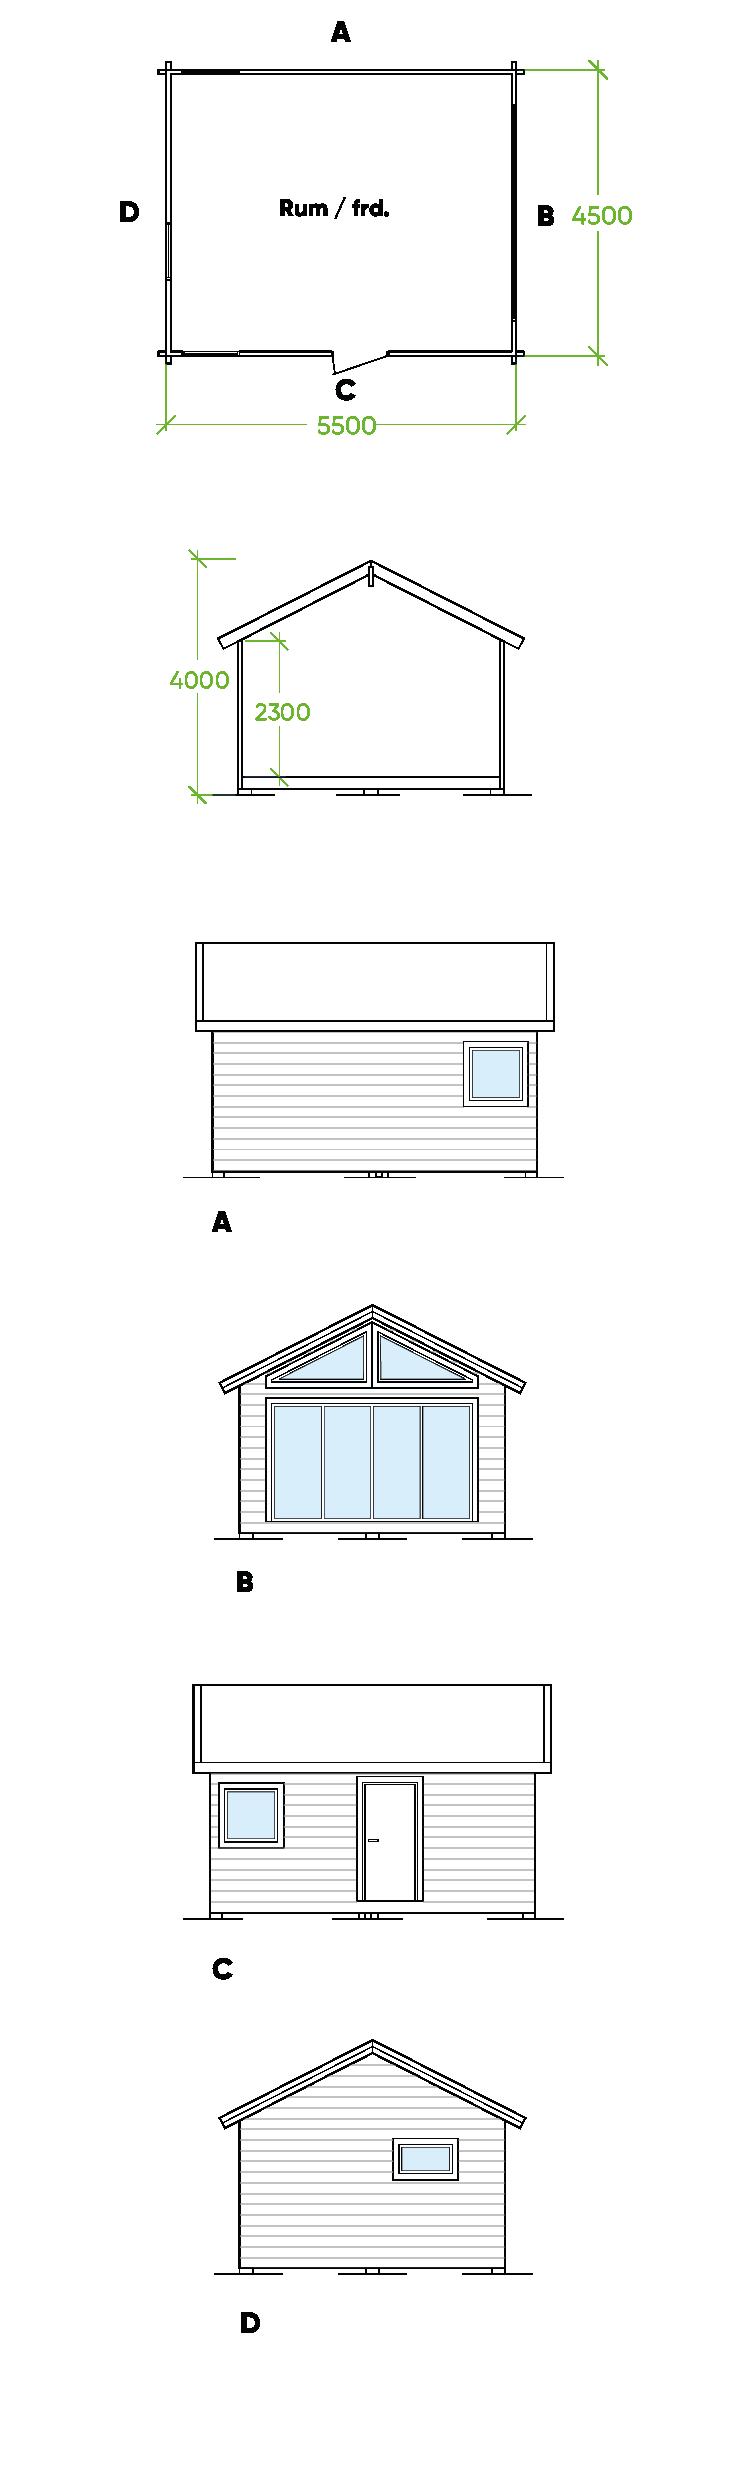 Planritning Bygg och trä - Innansjön